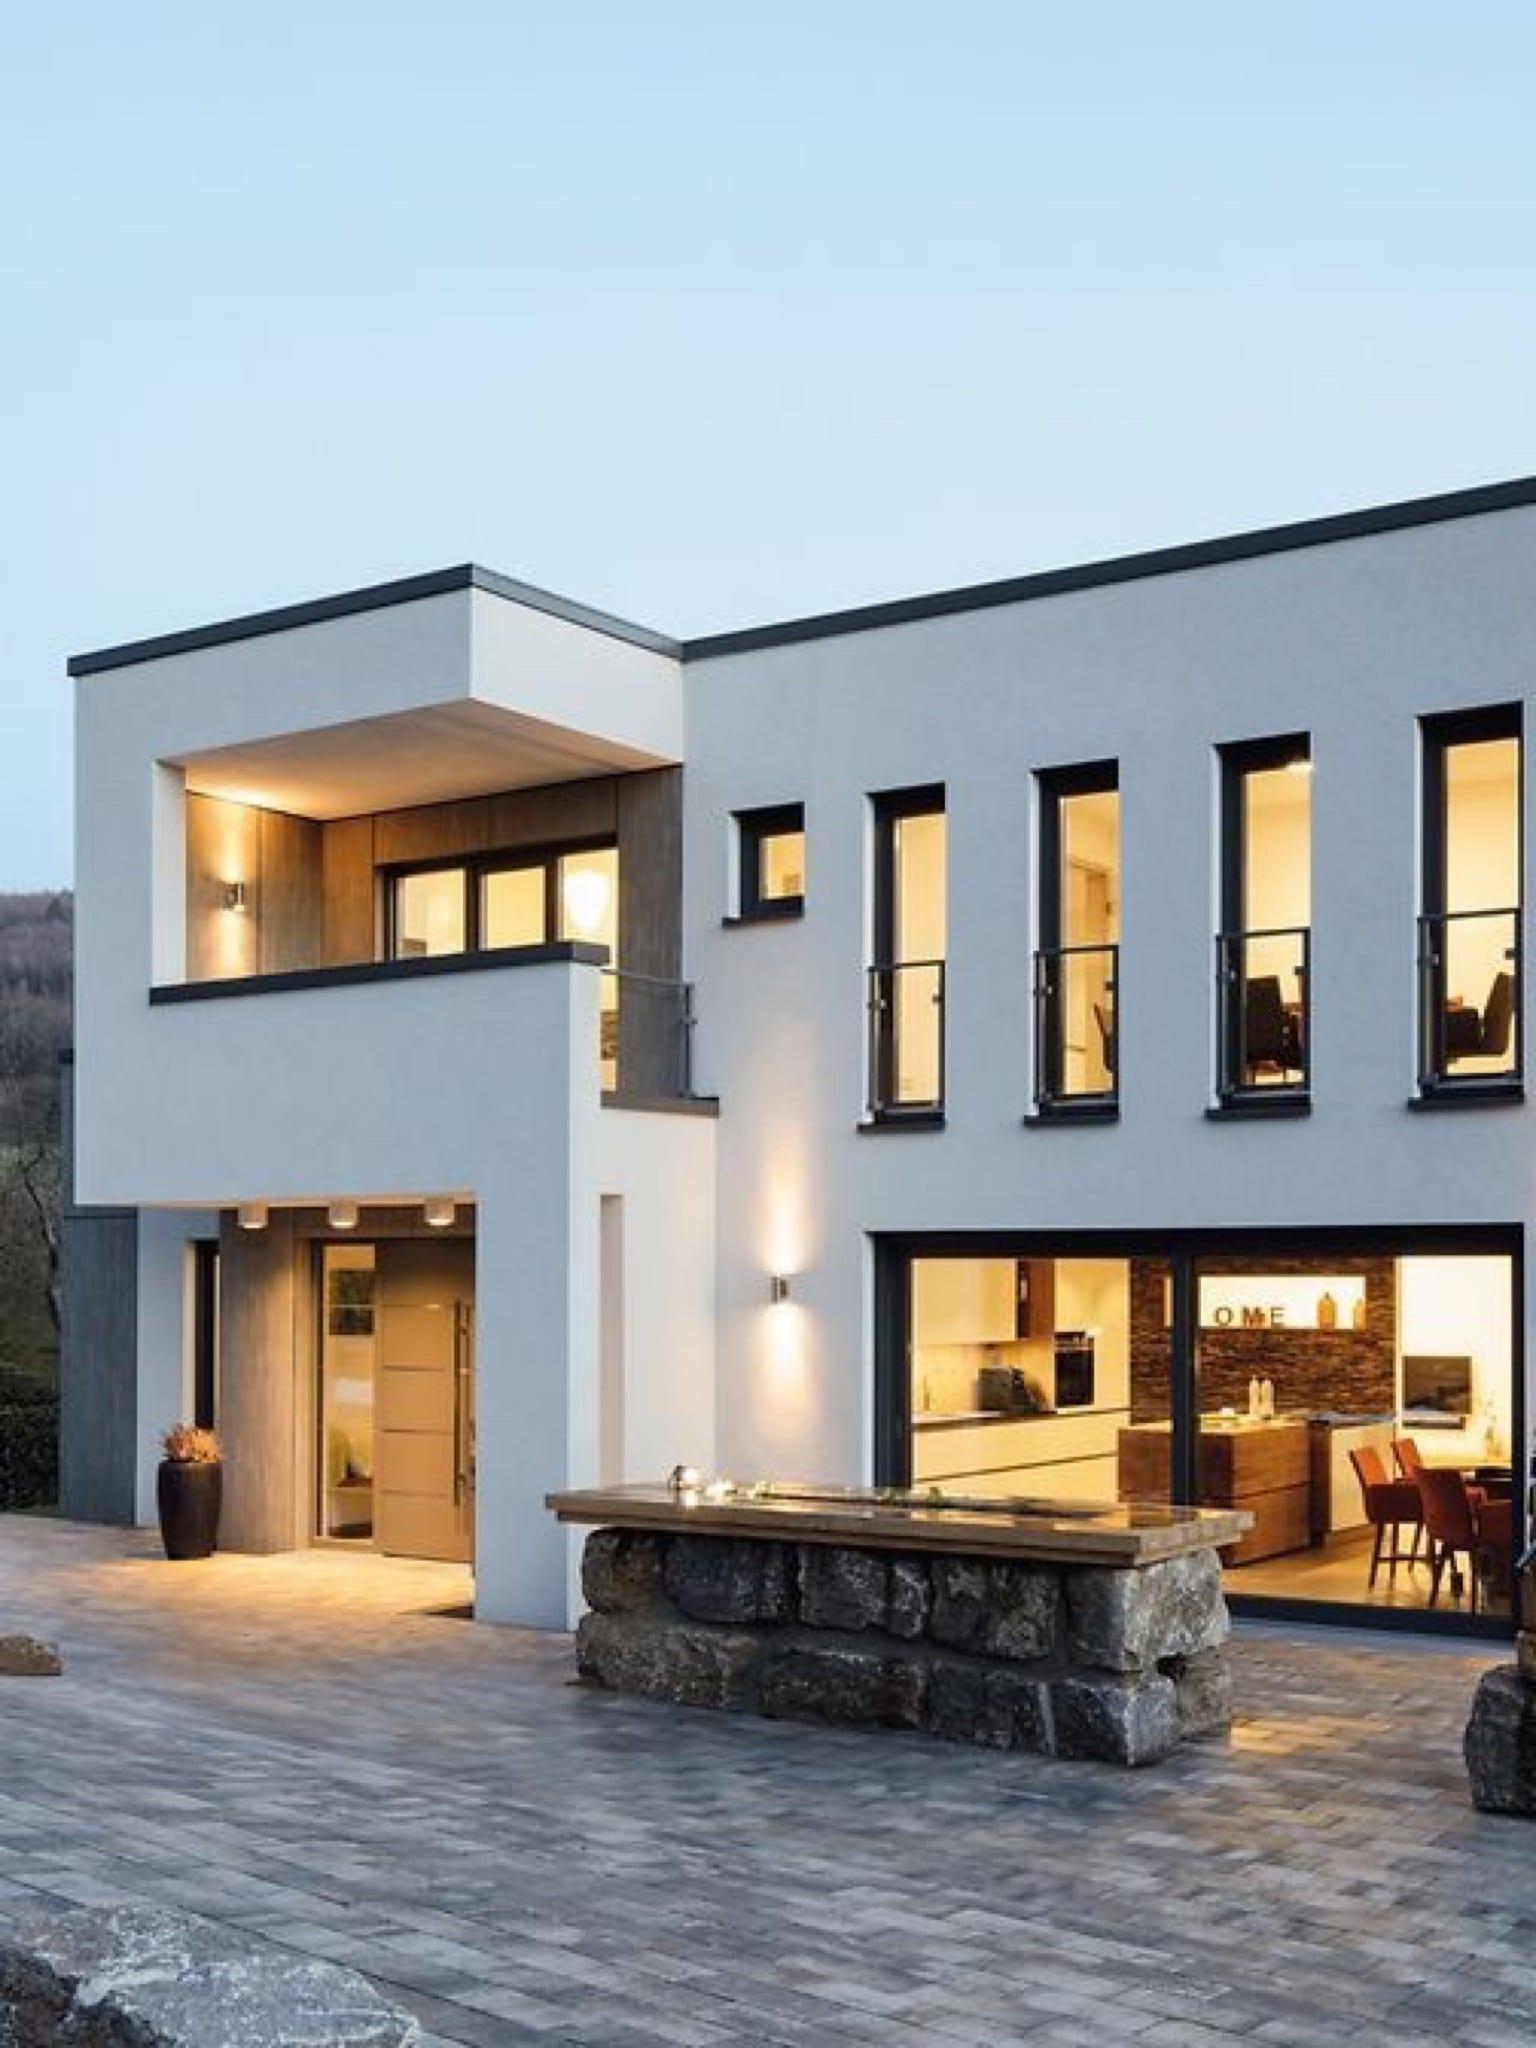 fenster5 image copy - Soluțiile Smart Home de la Schüco, pentru confort, siguranță și eficiență energetică